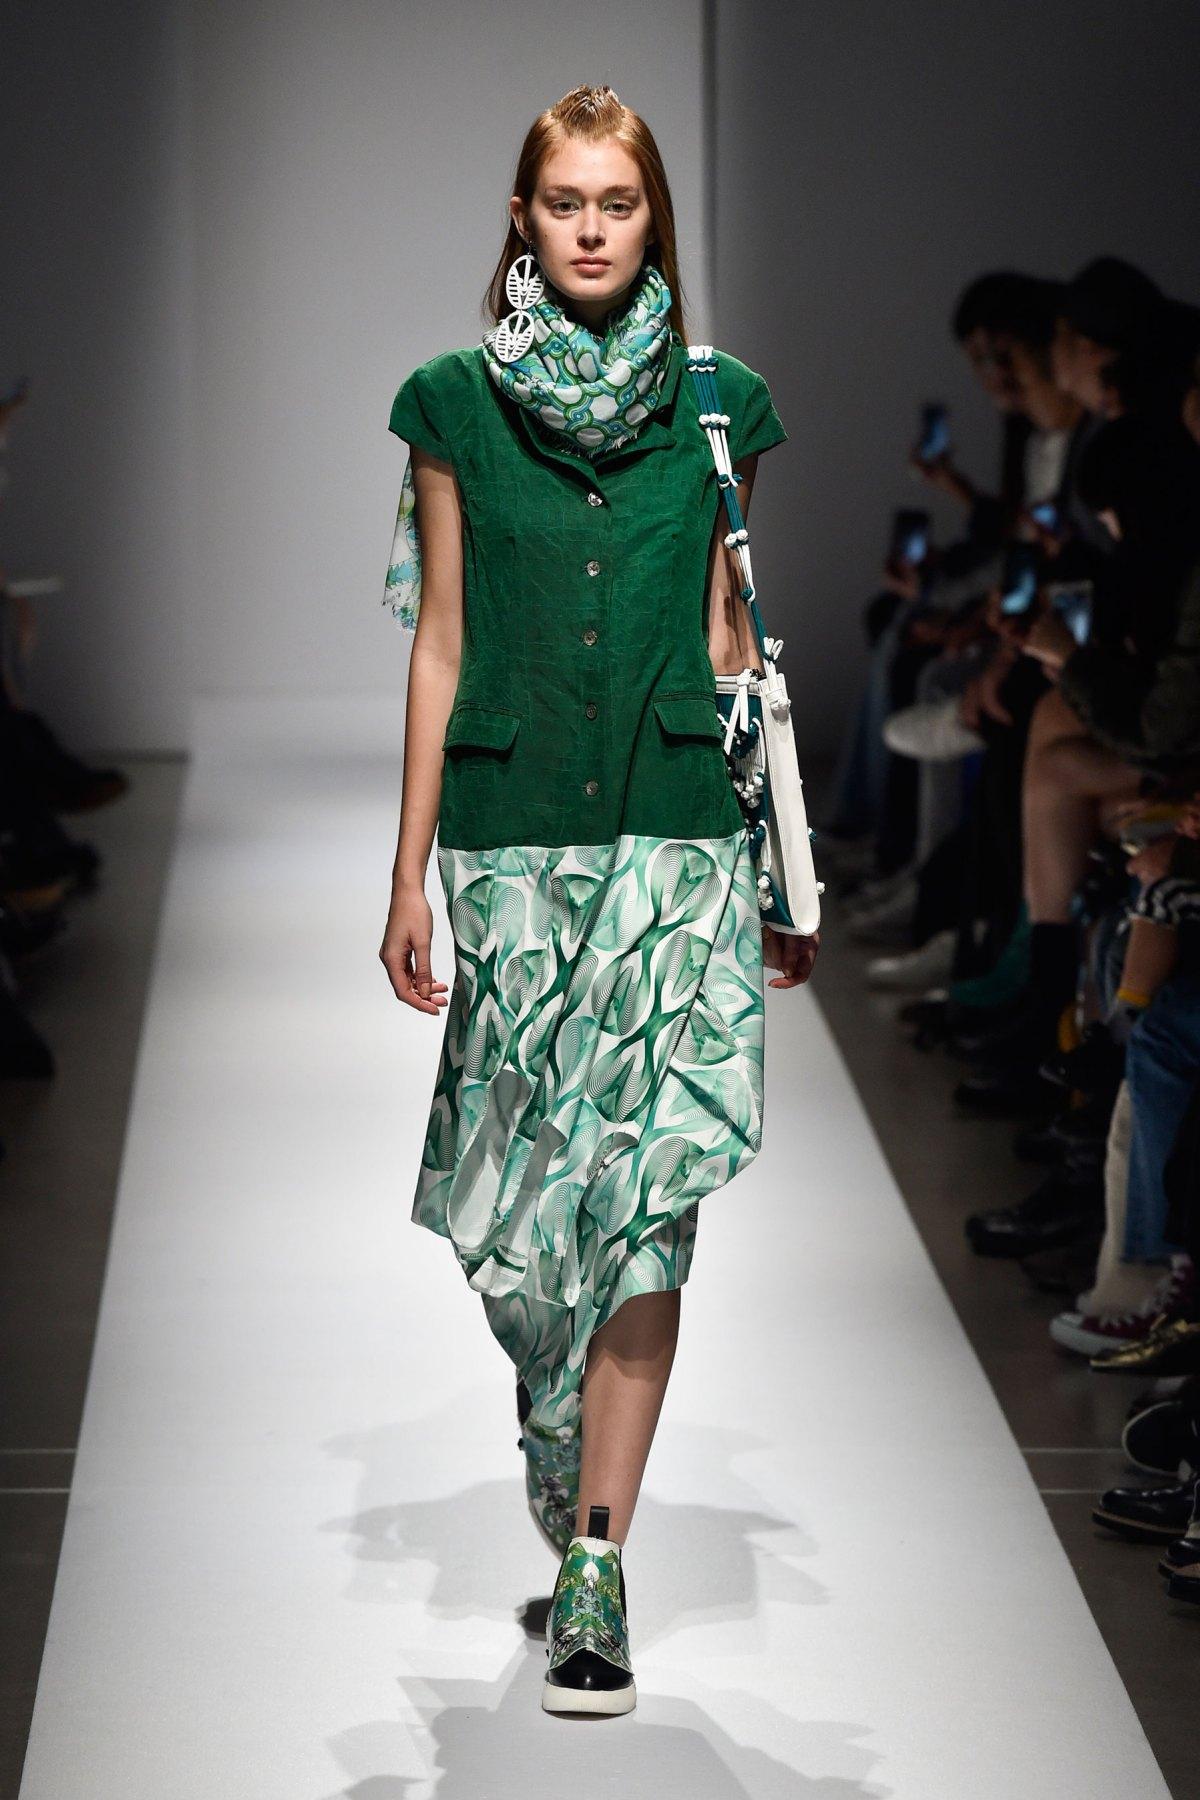 Fashion Hong Kong RS17 0075